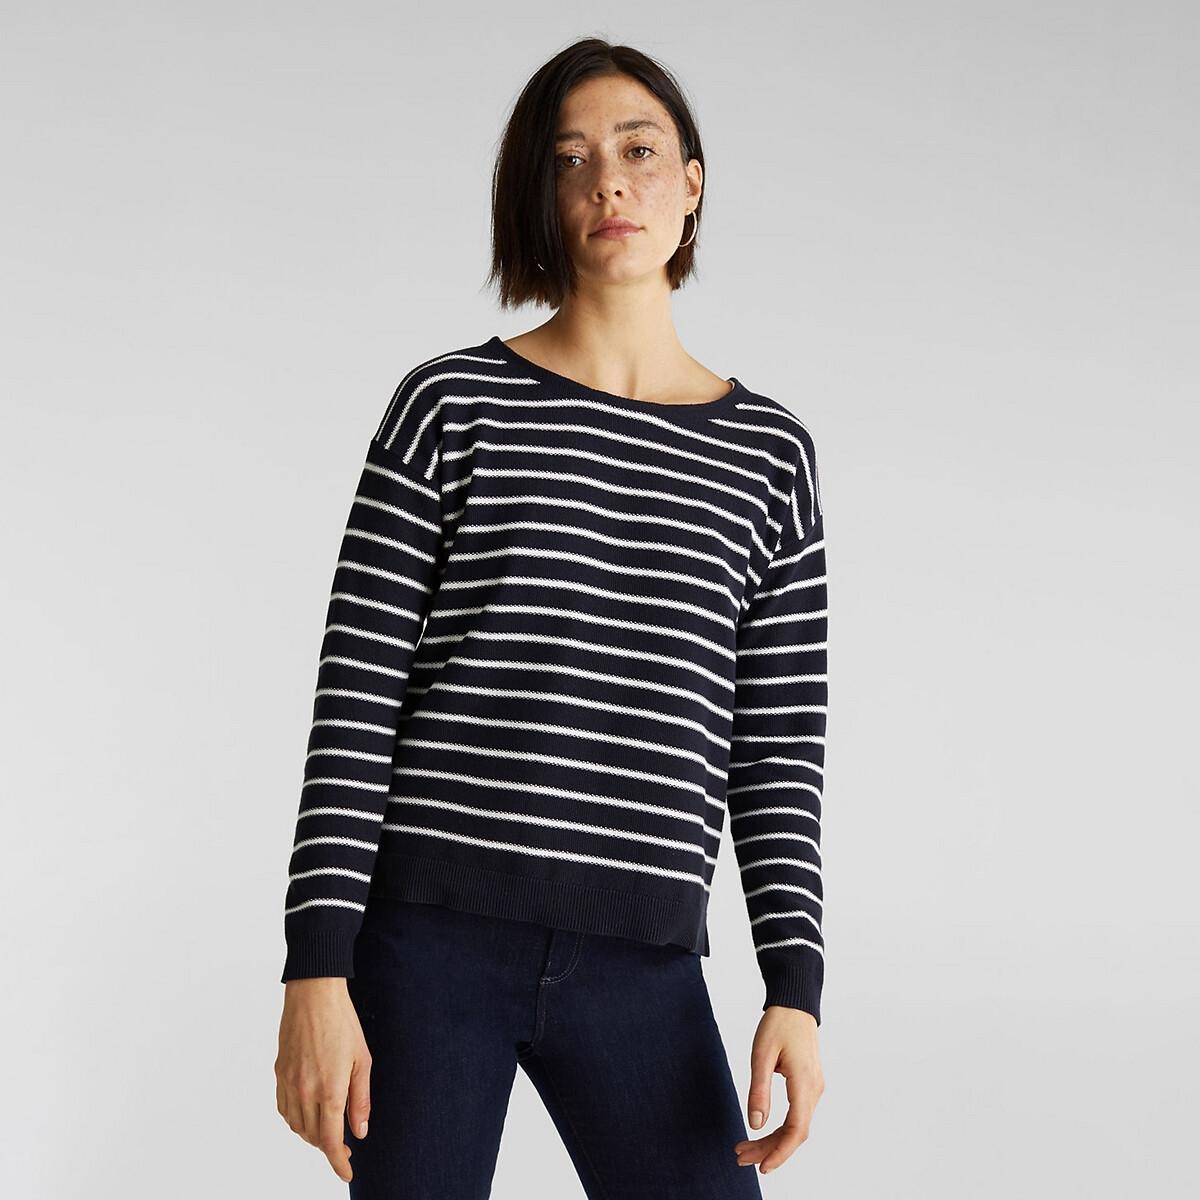 Jersey marinero de algodón orgánico